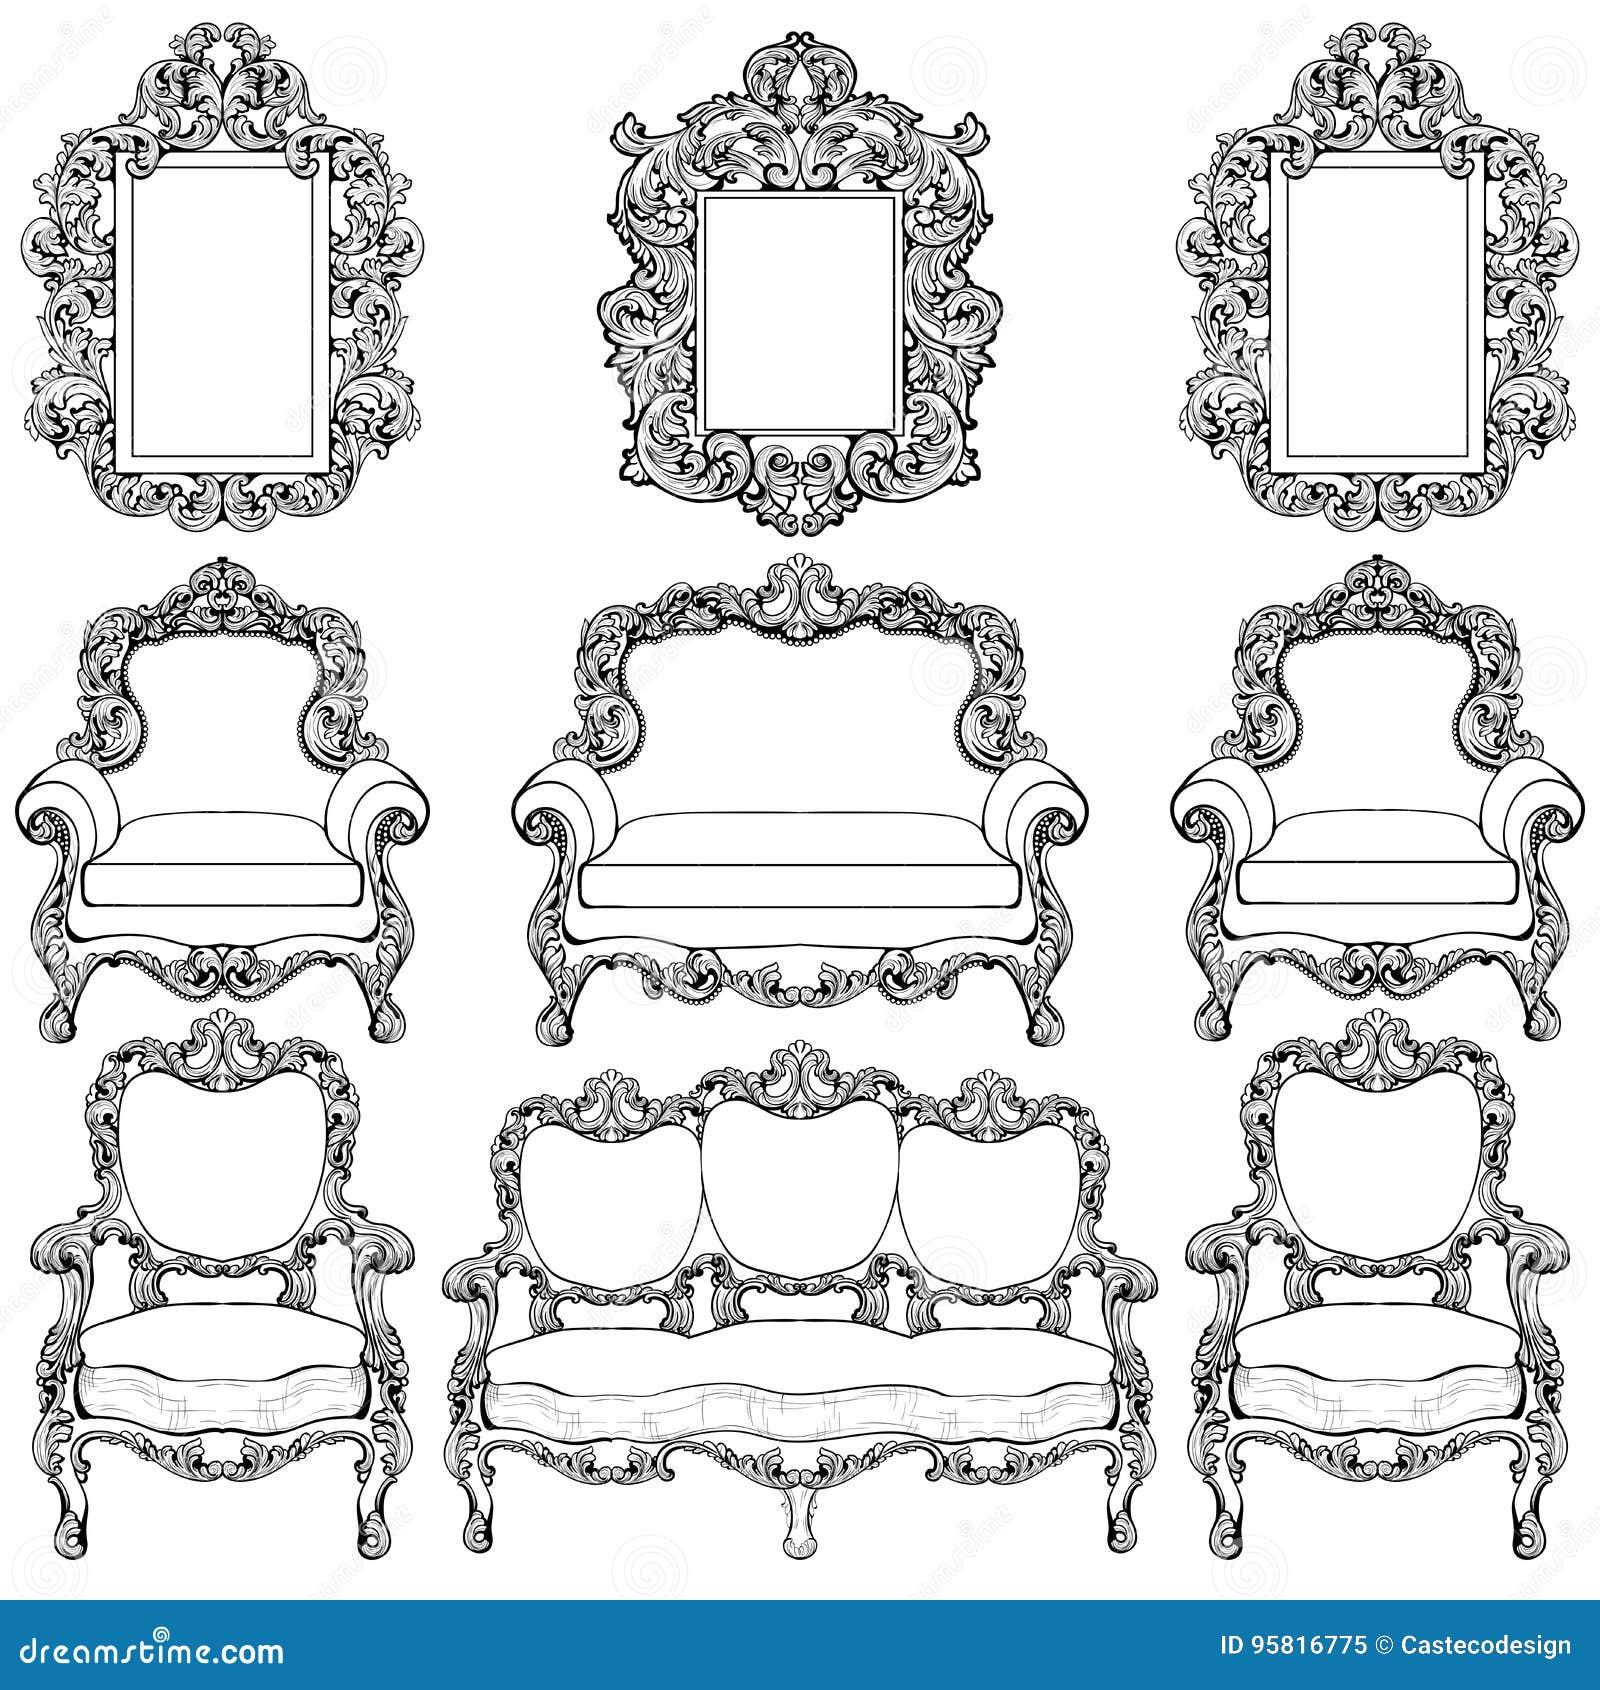 Stunning franzosische luxus einrichtung barock design for Ideen einrichtung